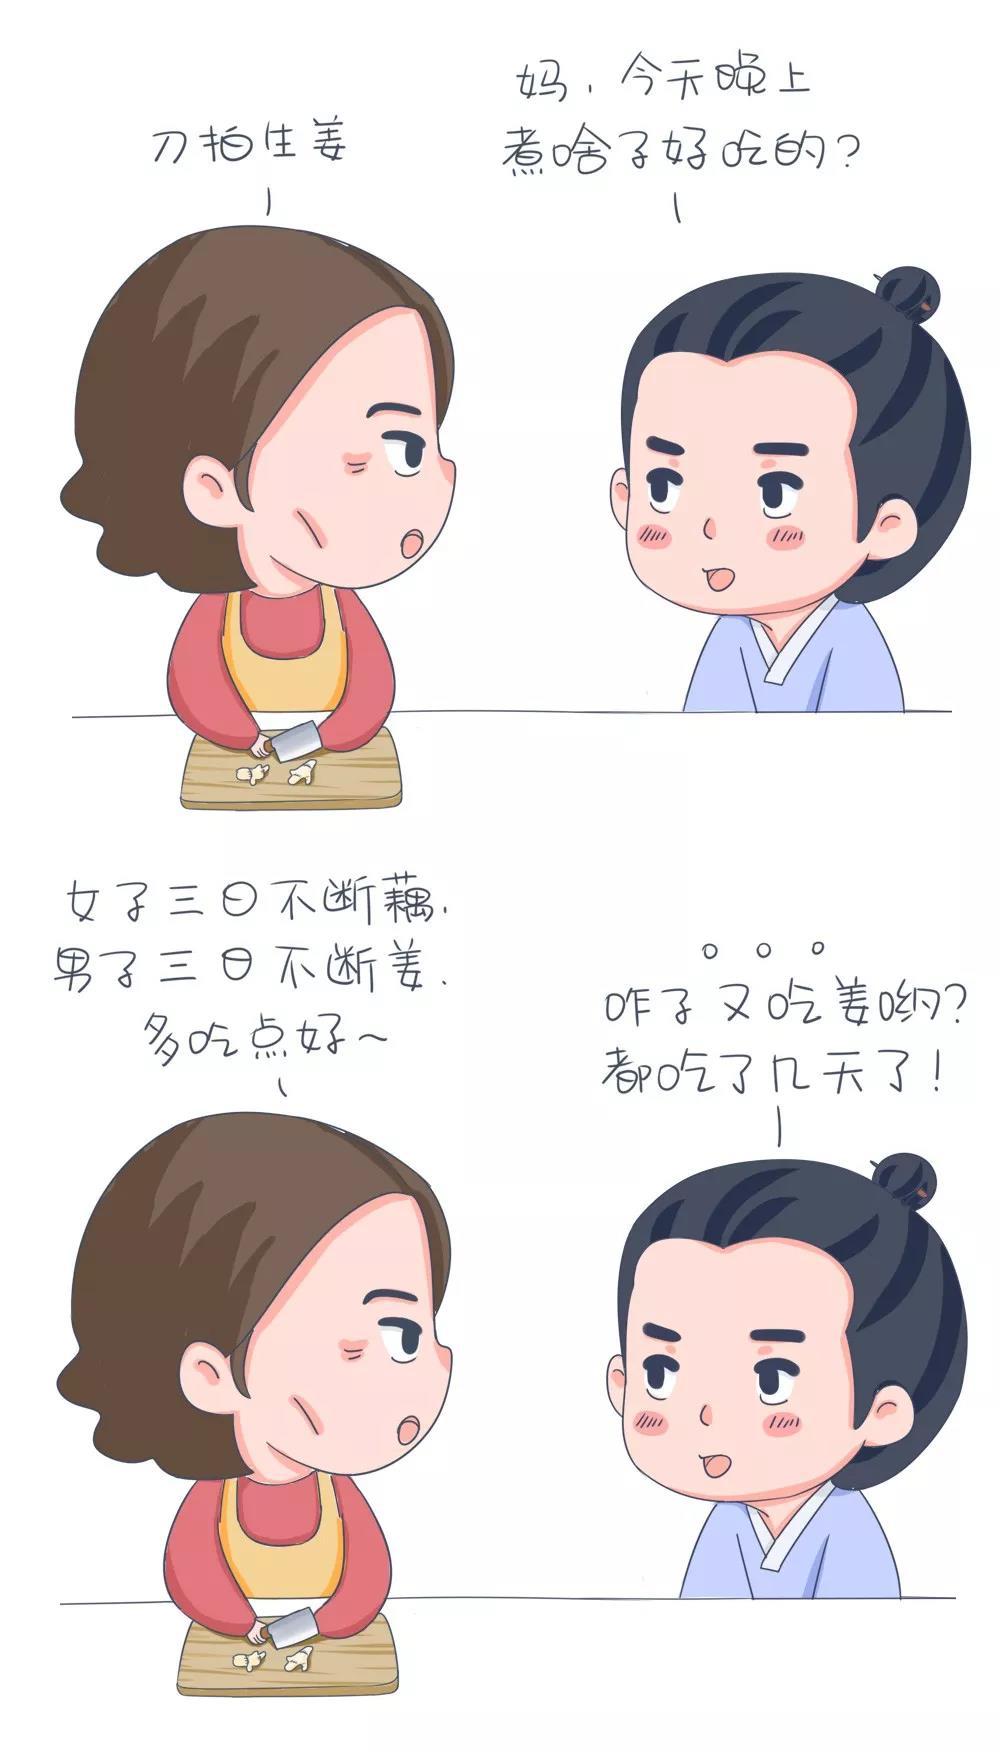 问答:晚上+吃姜=砒霜?